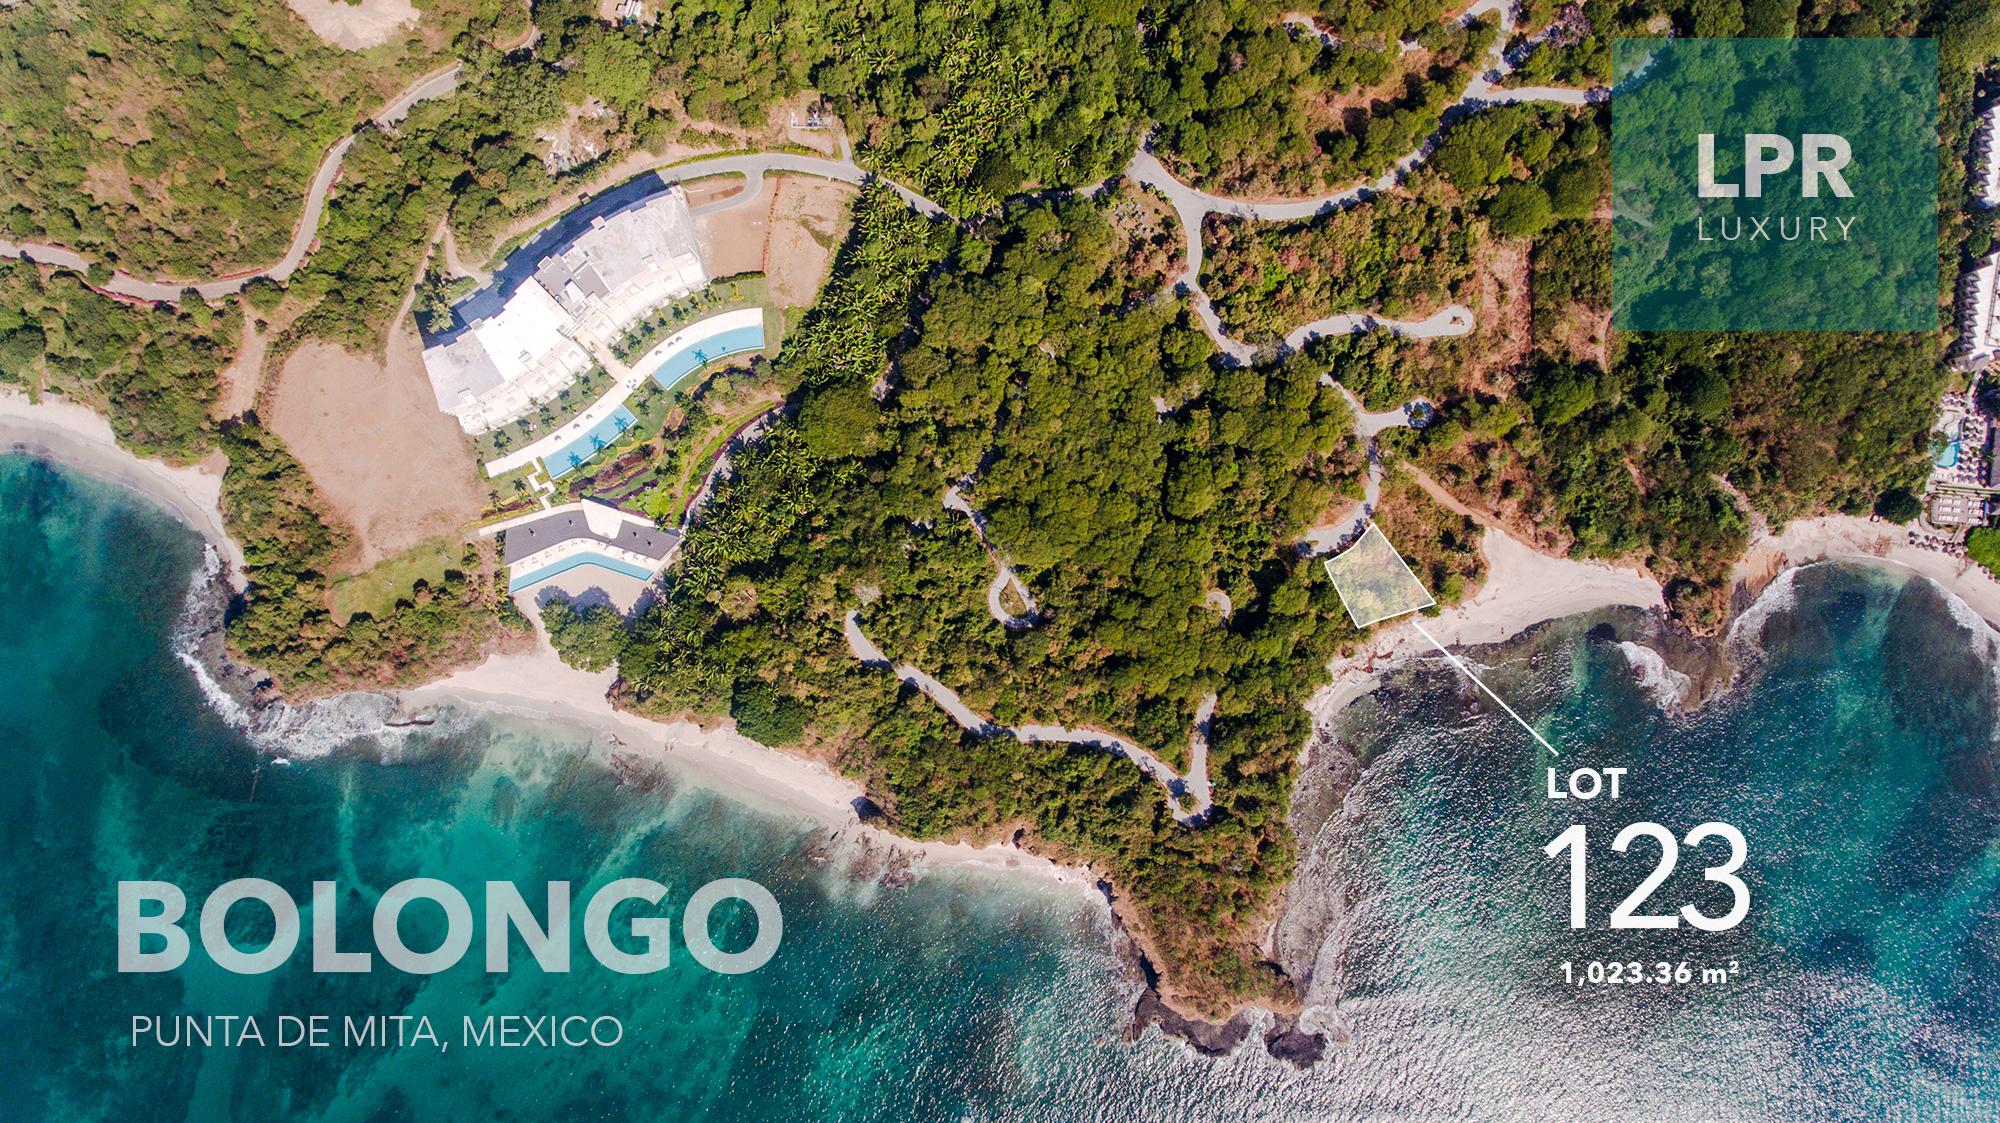 Bolongo 123 - Punta de Mita, Riviera Nayarit, Mexico